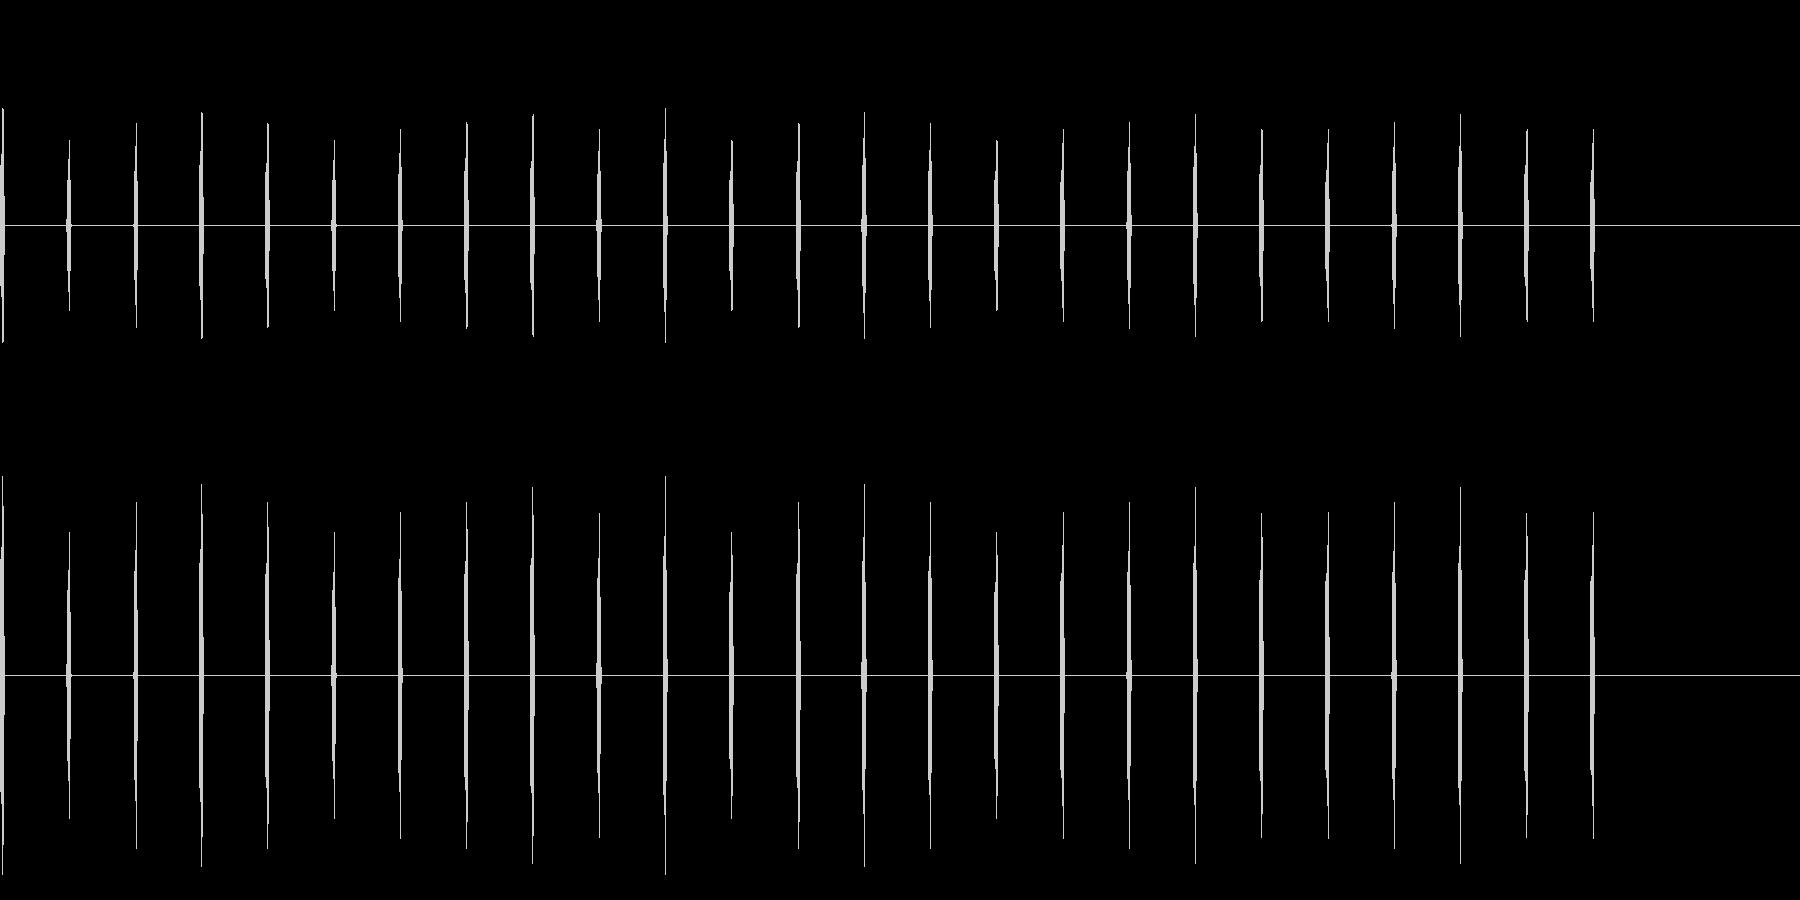 足音 歩く コミカル02の未再生の波形